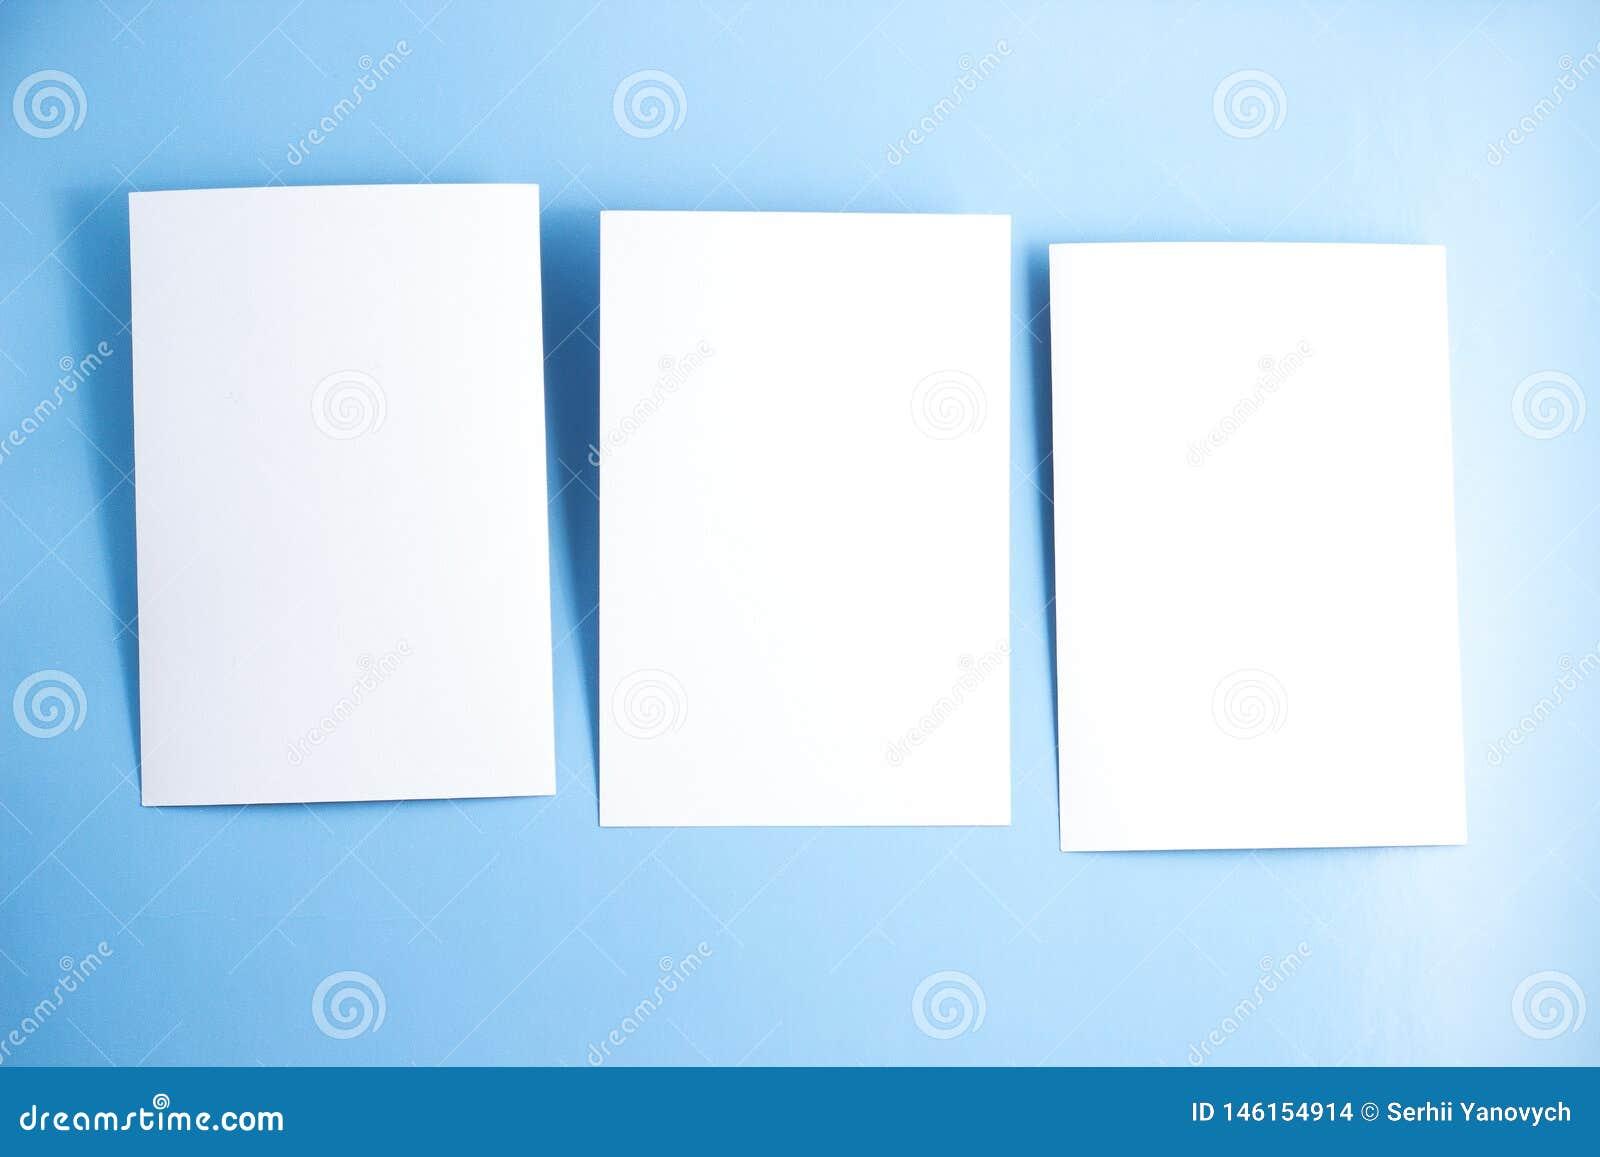 3 открытки пробелов белых/летчики/модель-макета приглашений на голубой предпосылке